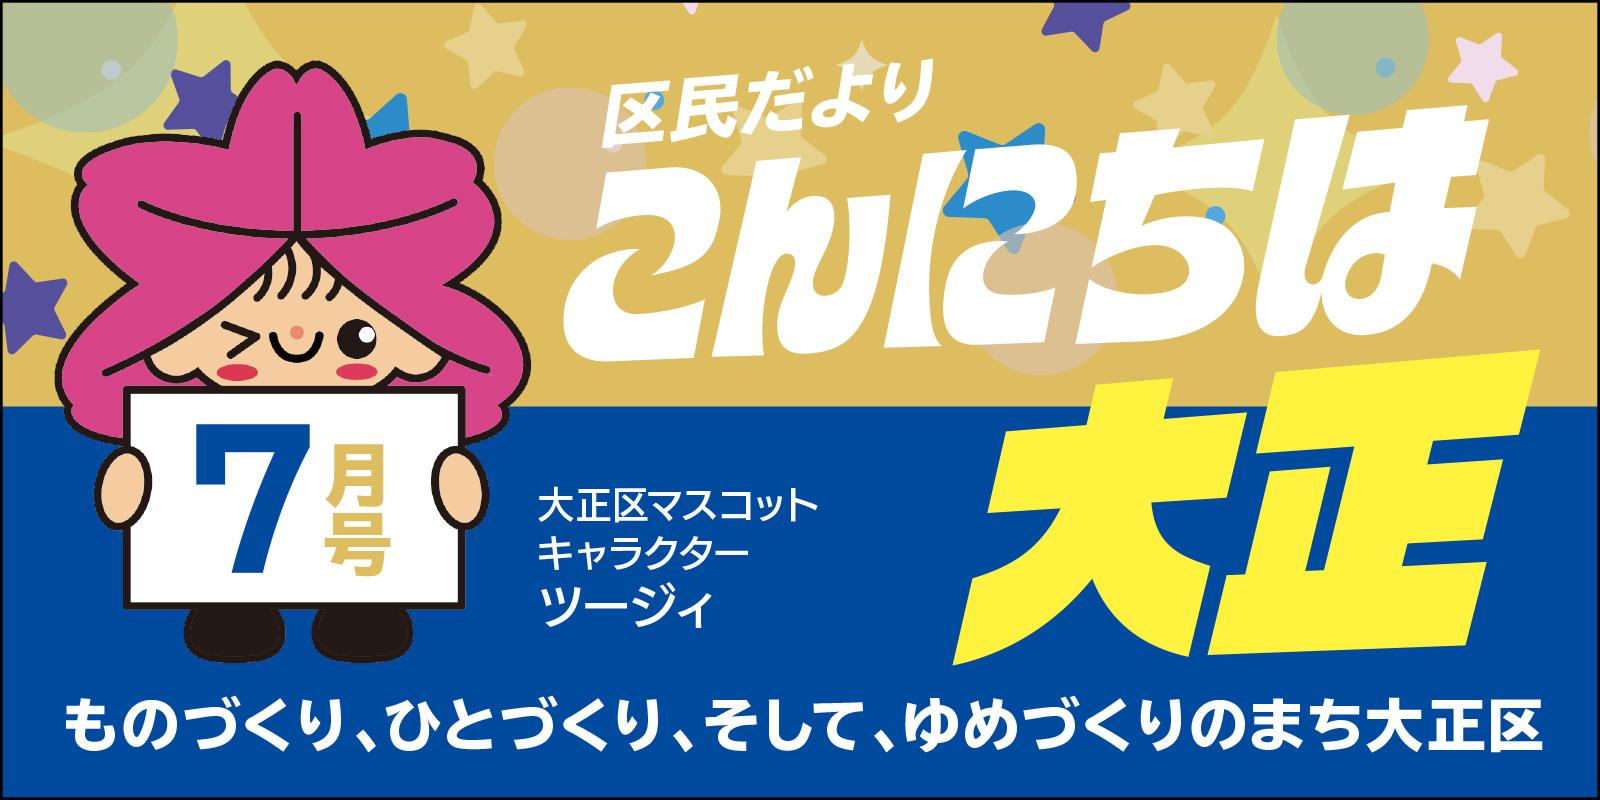 こんにちは大正7月号|2020.7 新しい日常・新しい地域活動(大阪市大正区)